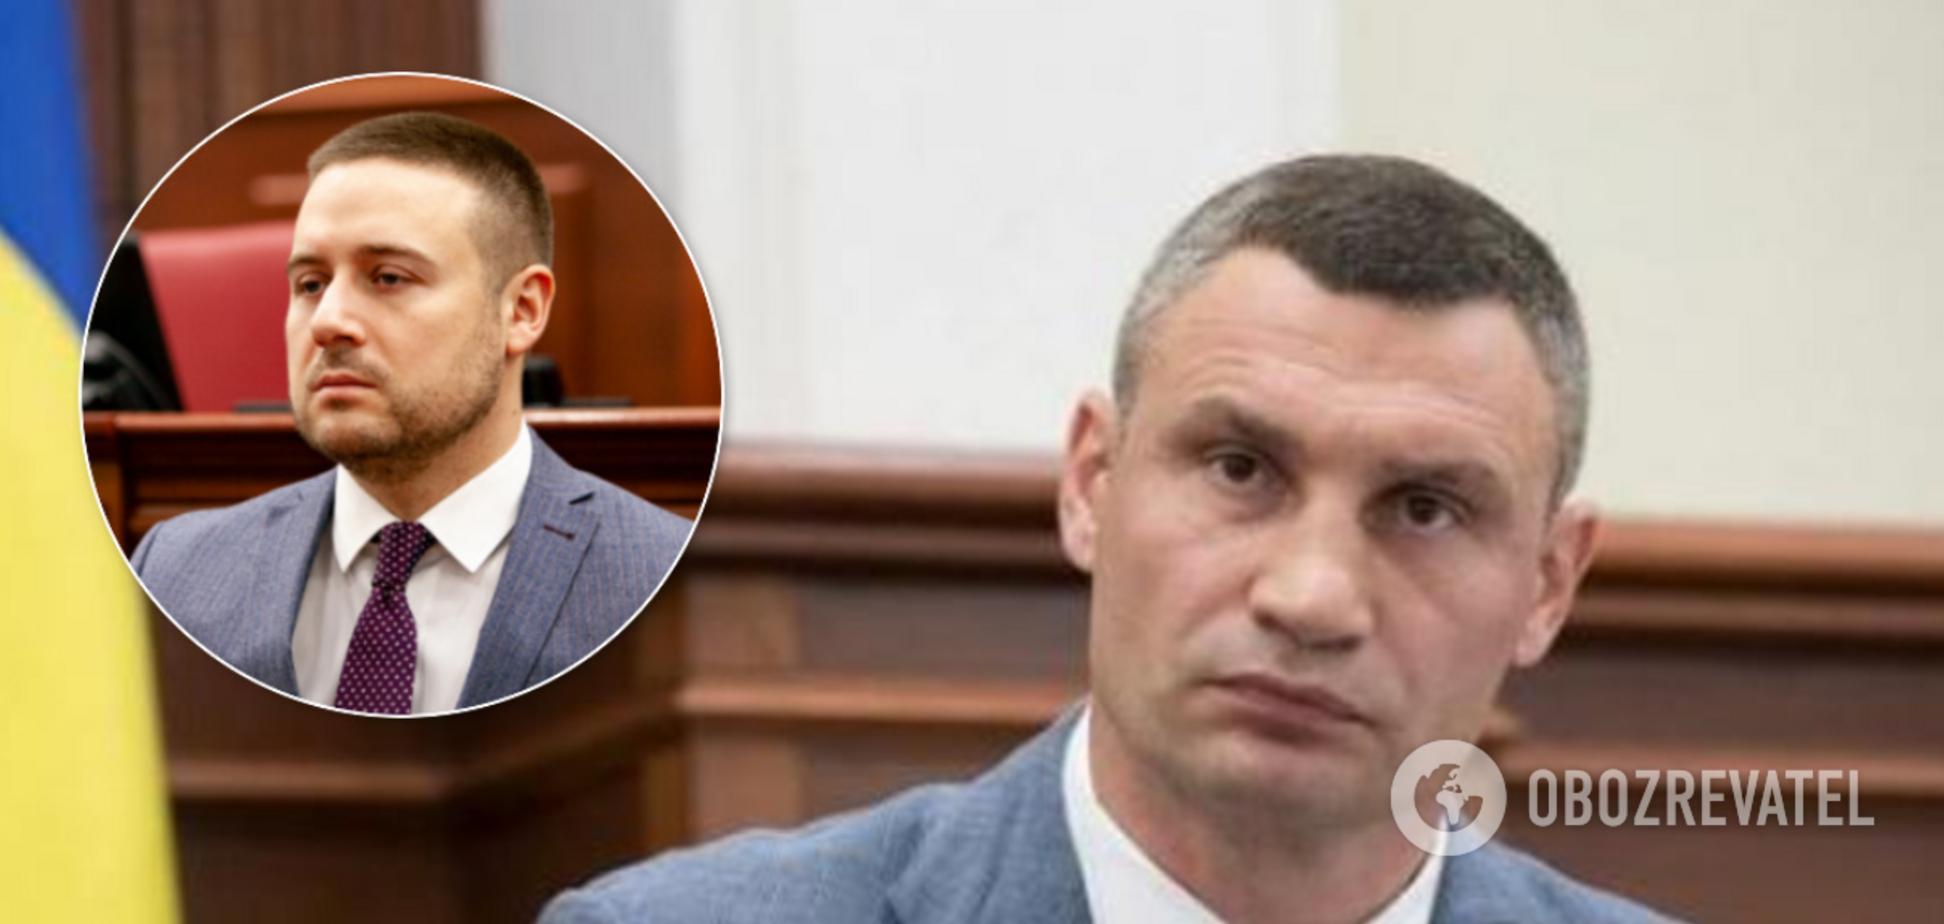 Кличко звільнив Слончака після гучного затримання за бійку з поліцією